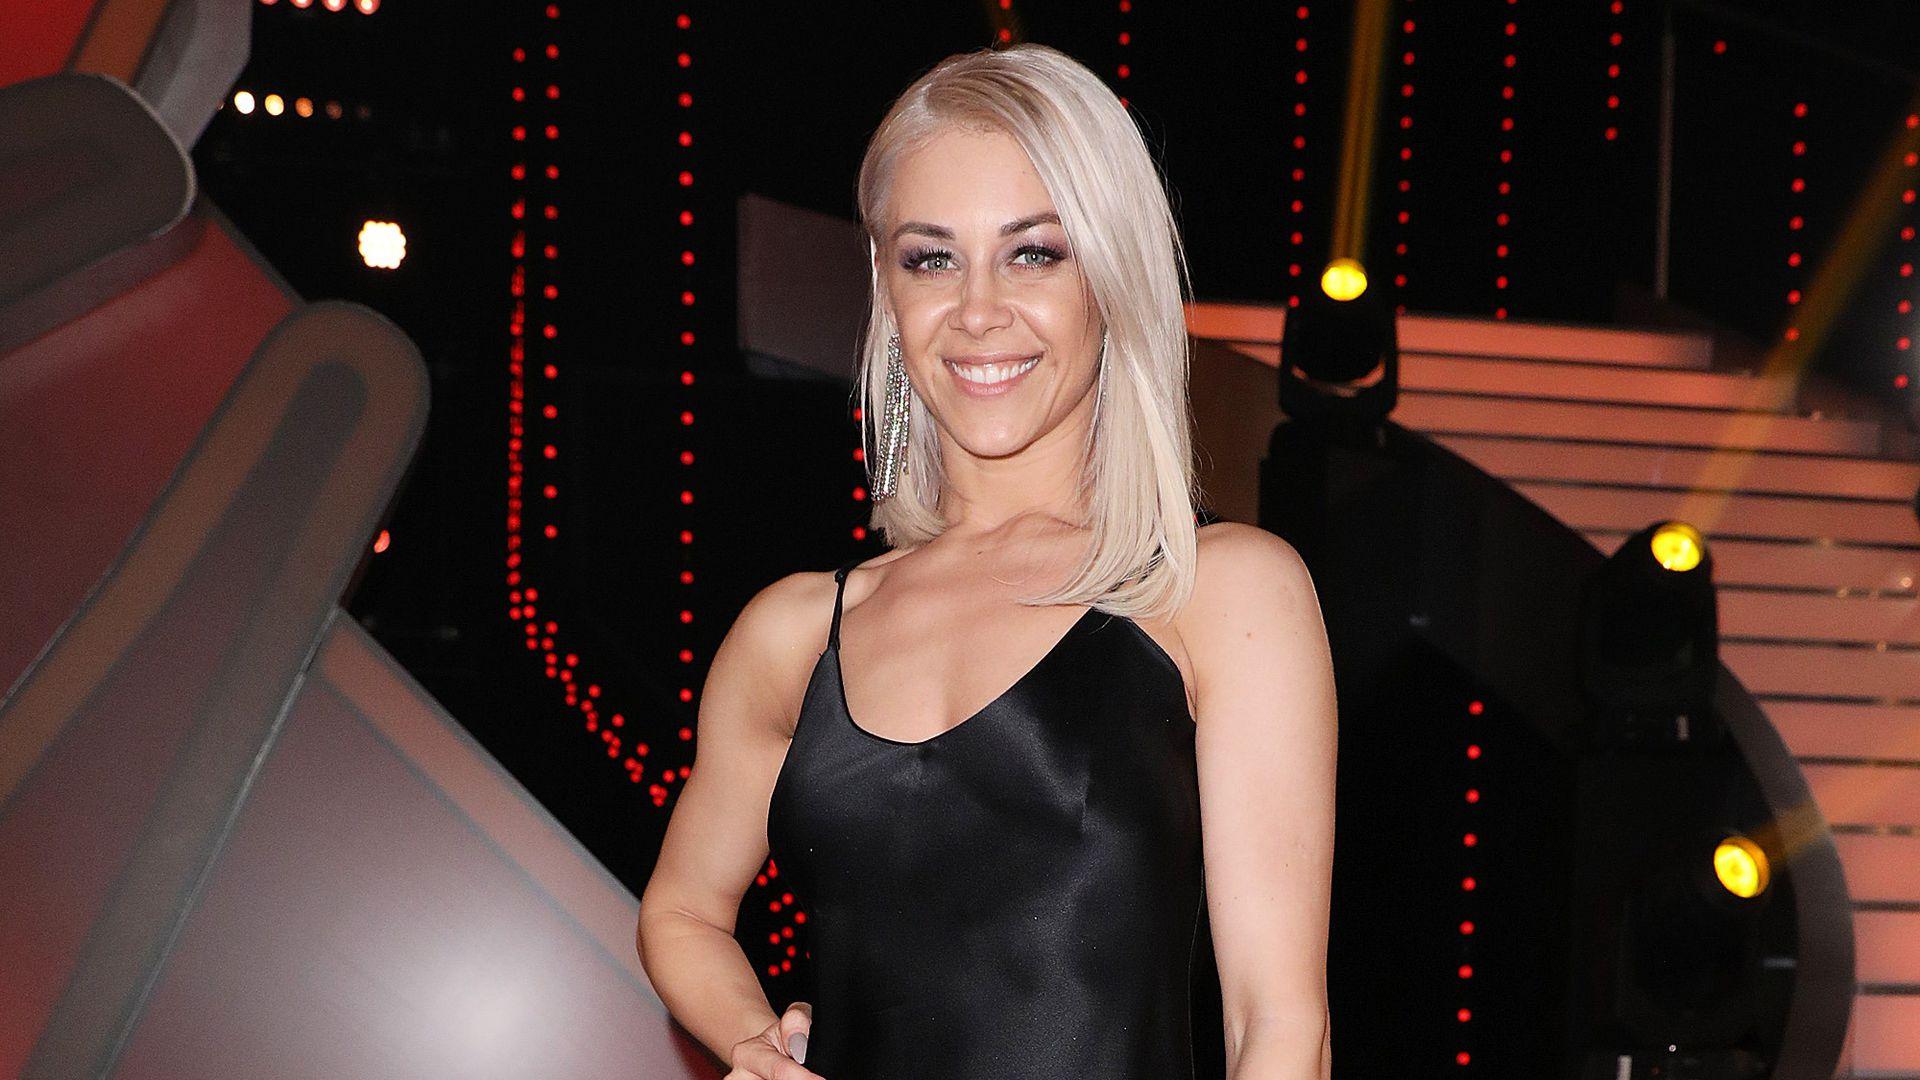 Oana Nechiti